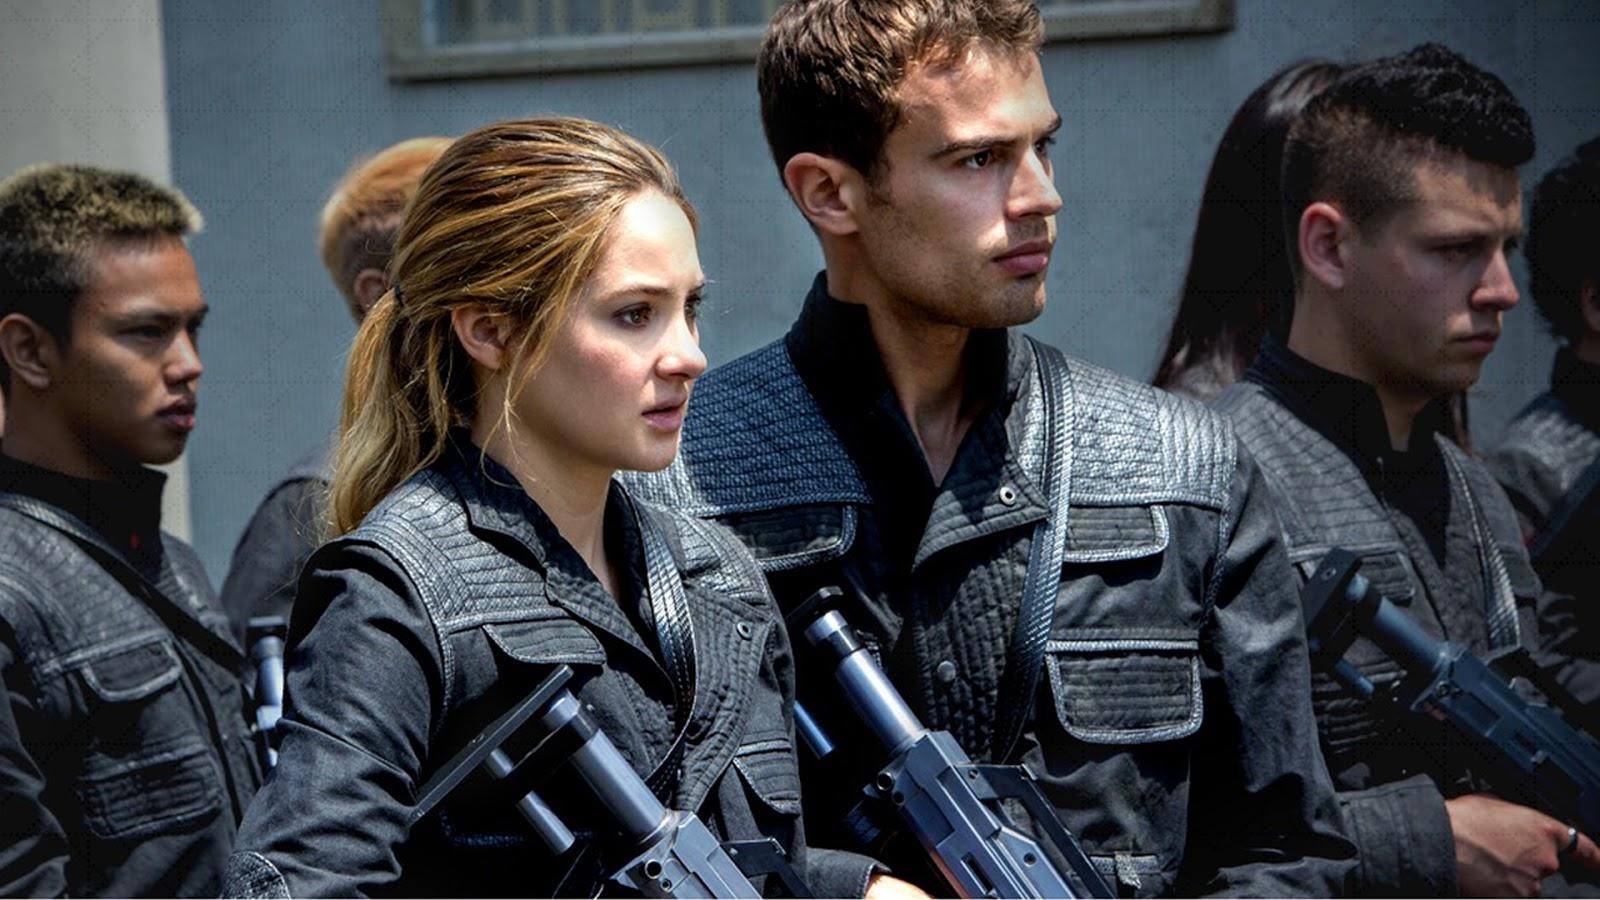 1. Divergent